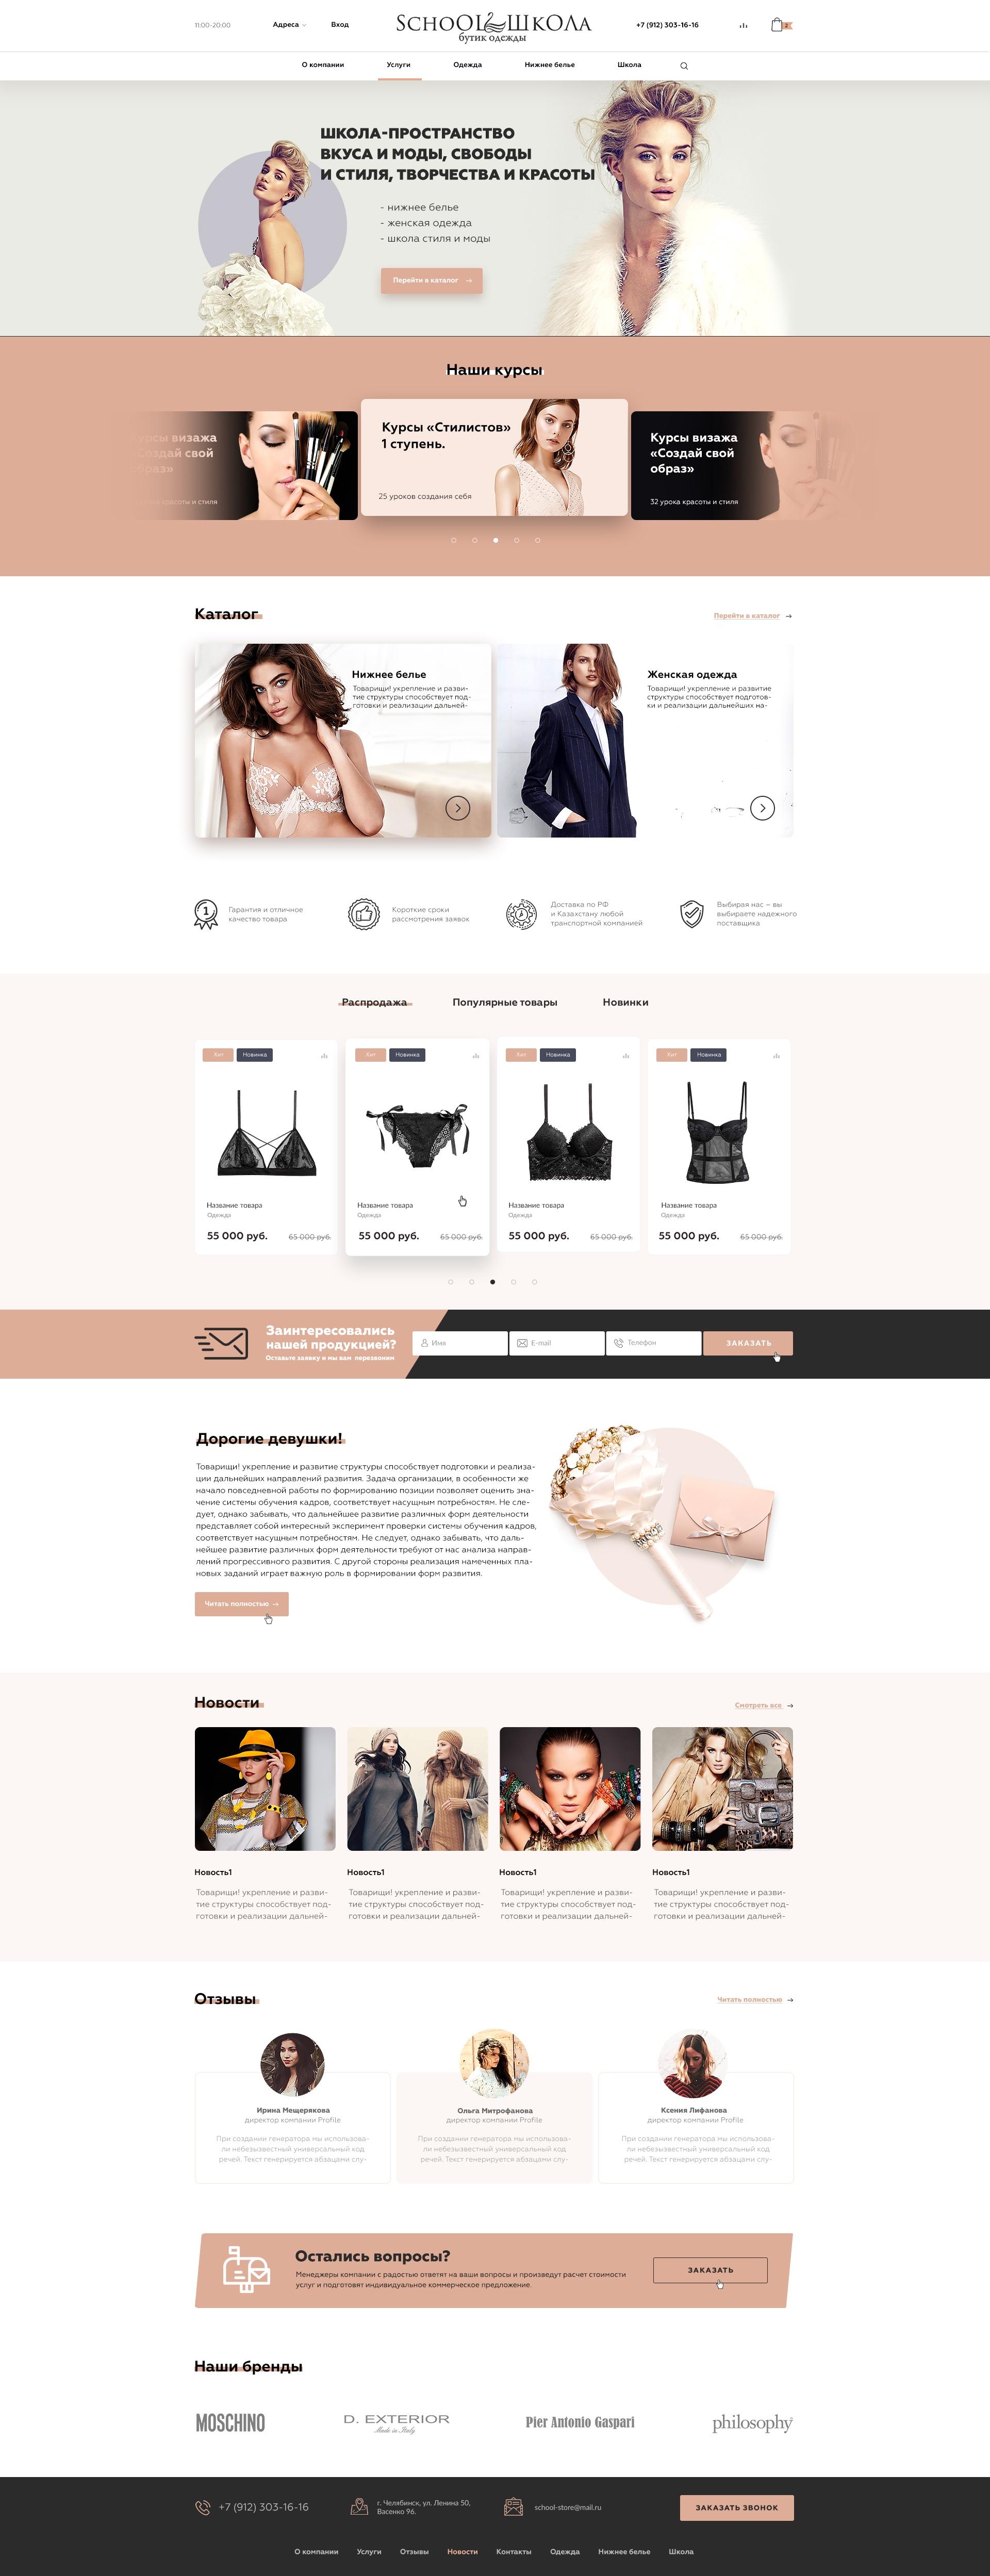 Школа стиля и бутик интернет-магазин одежды Лебедко